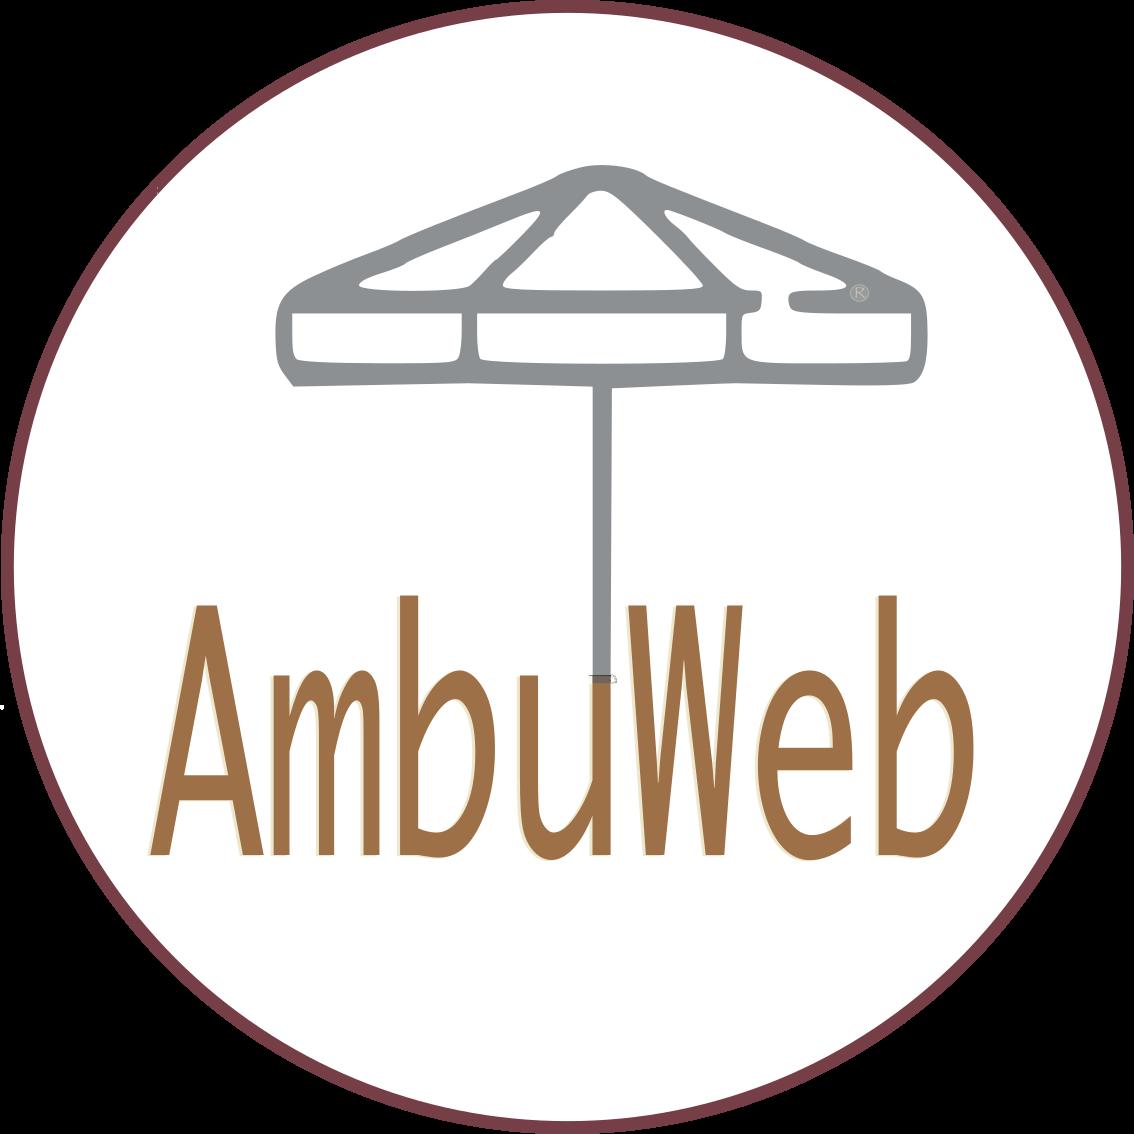 Ambuweb